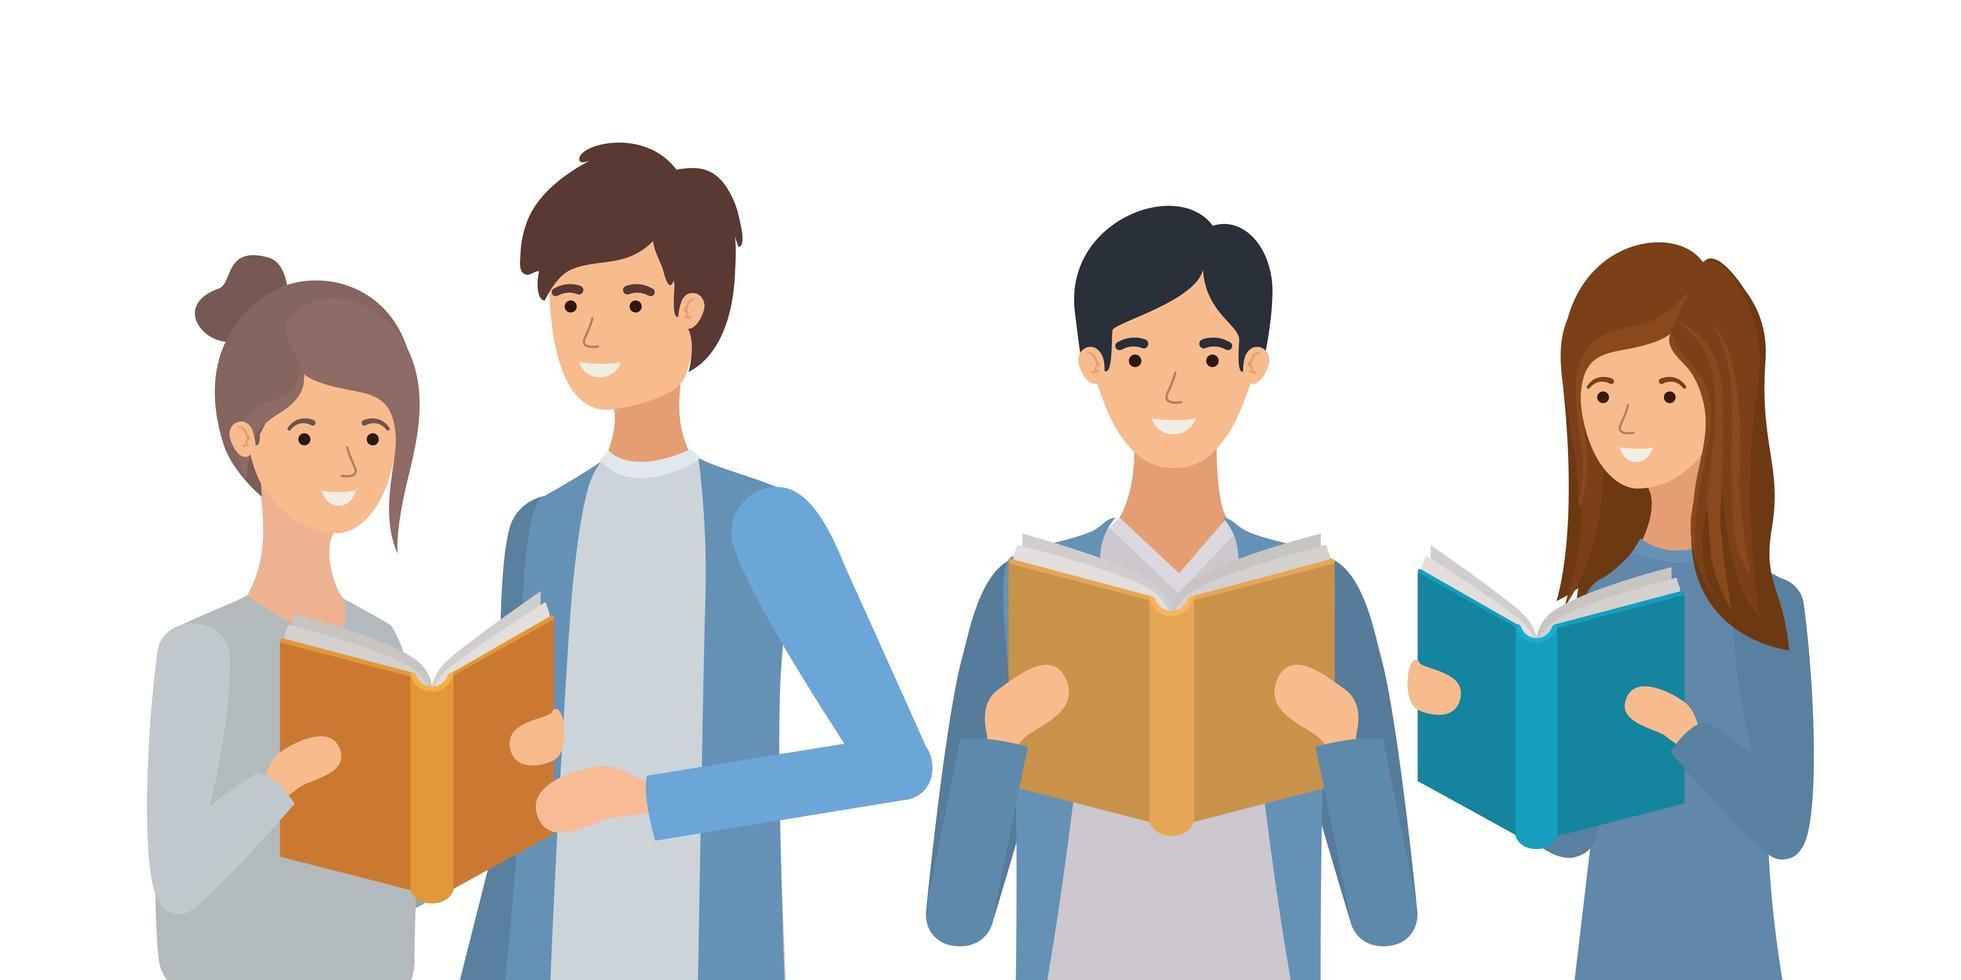 grupp studenter som läser böcker vektor